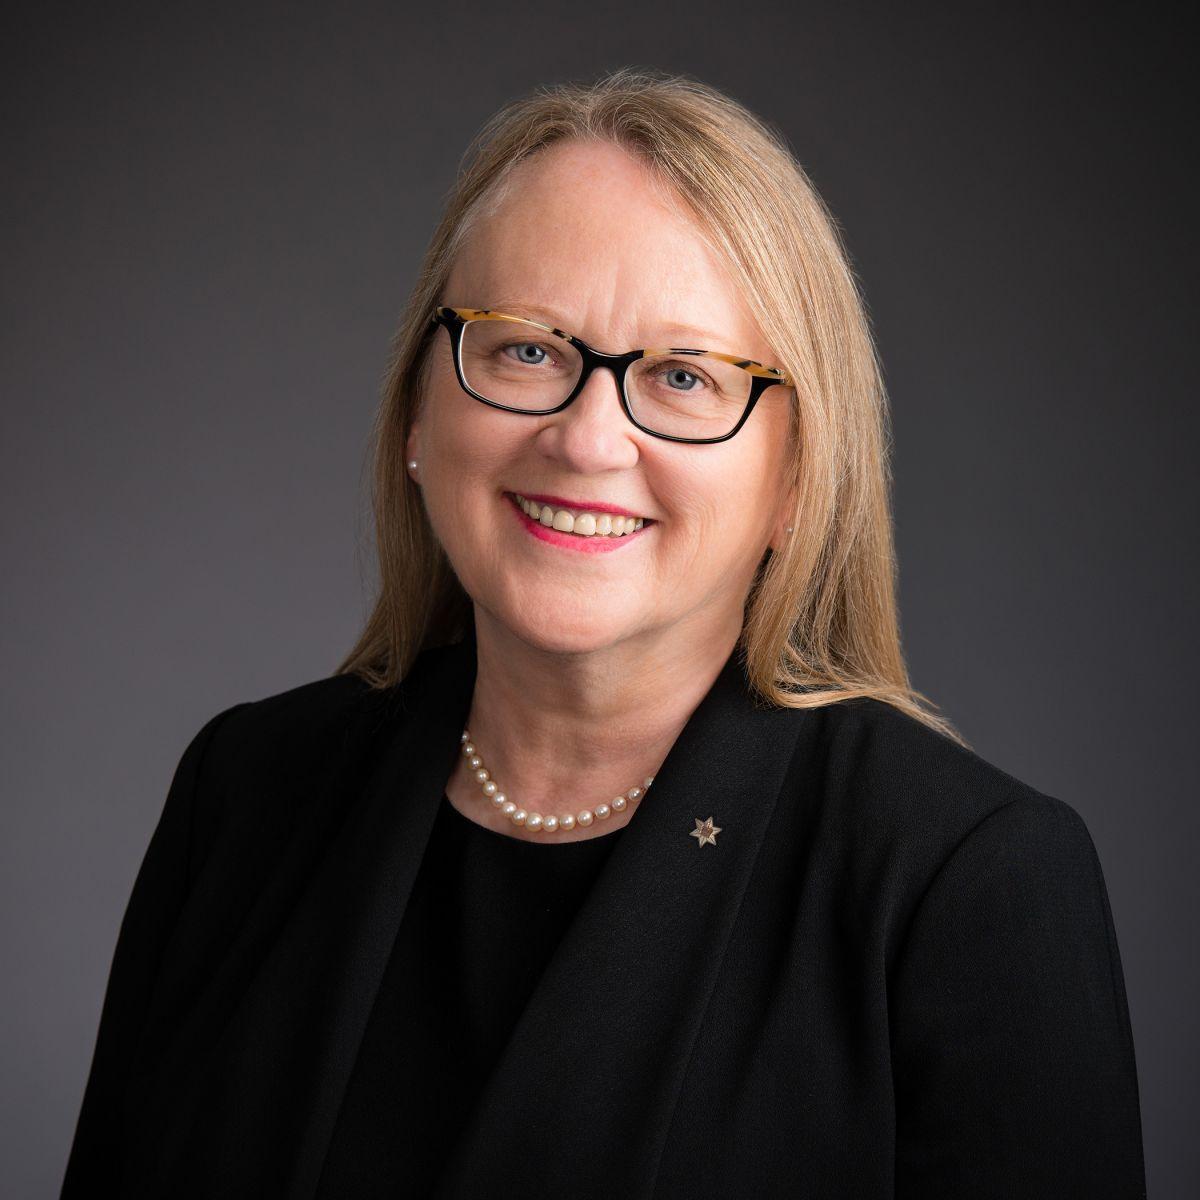 Valerie Creighton,présidente et chef de la direction du FMC, investie de l'Ordre du Canada